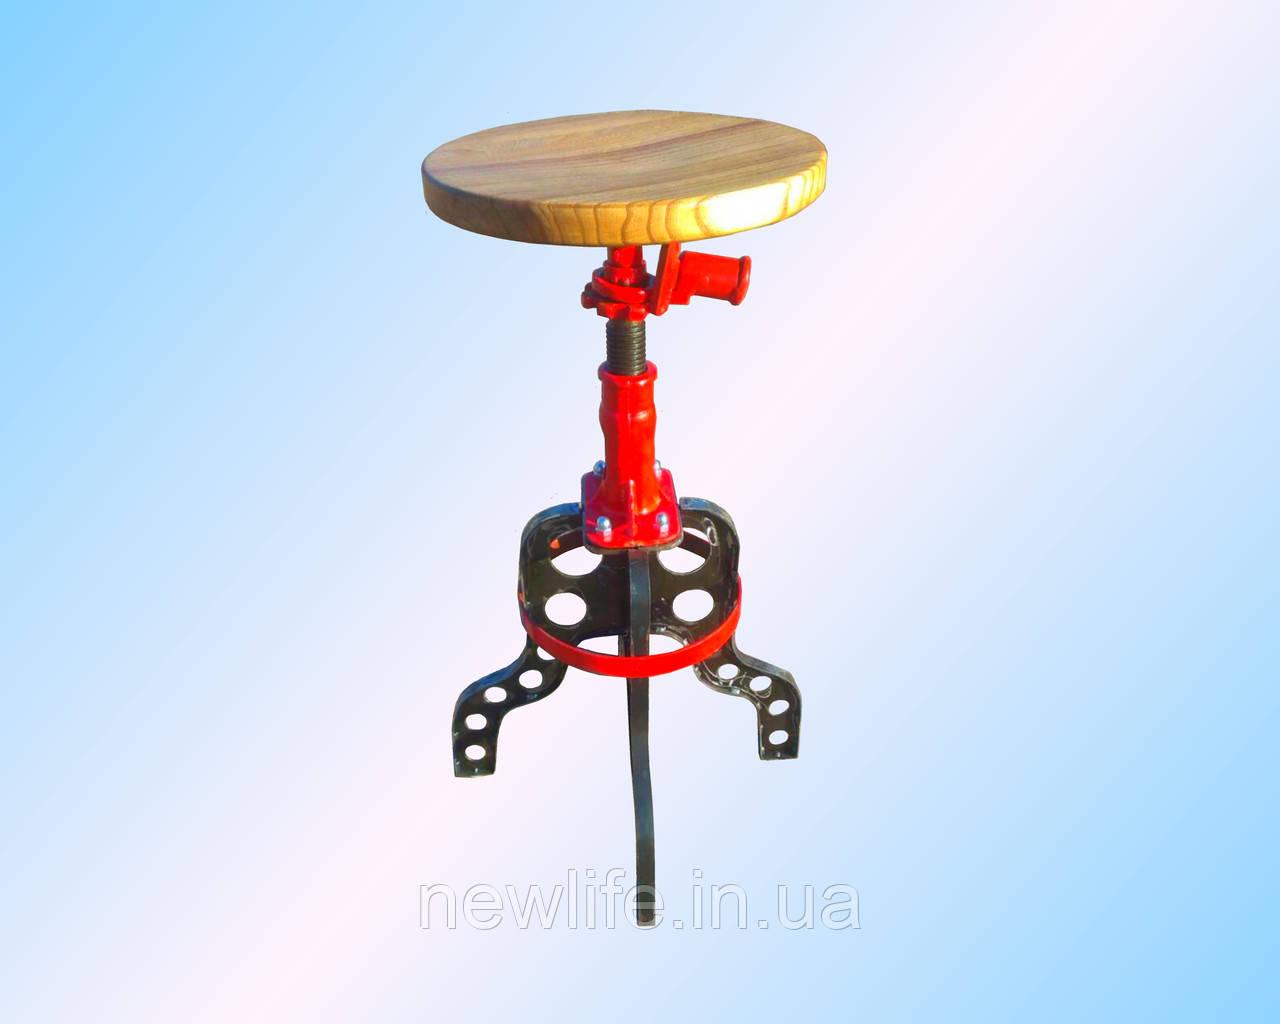 Табурет Лофт мебель для бара